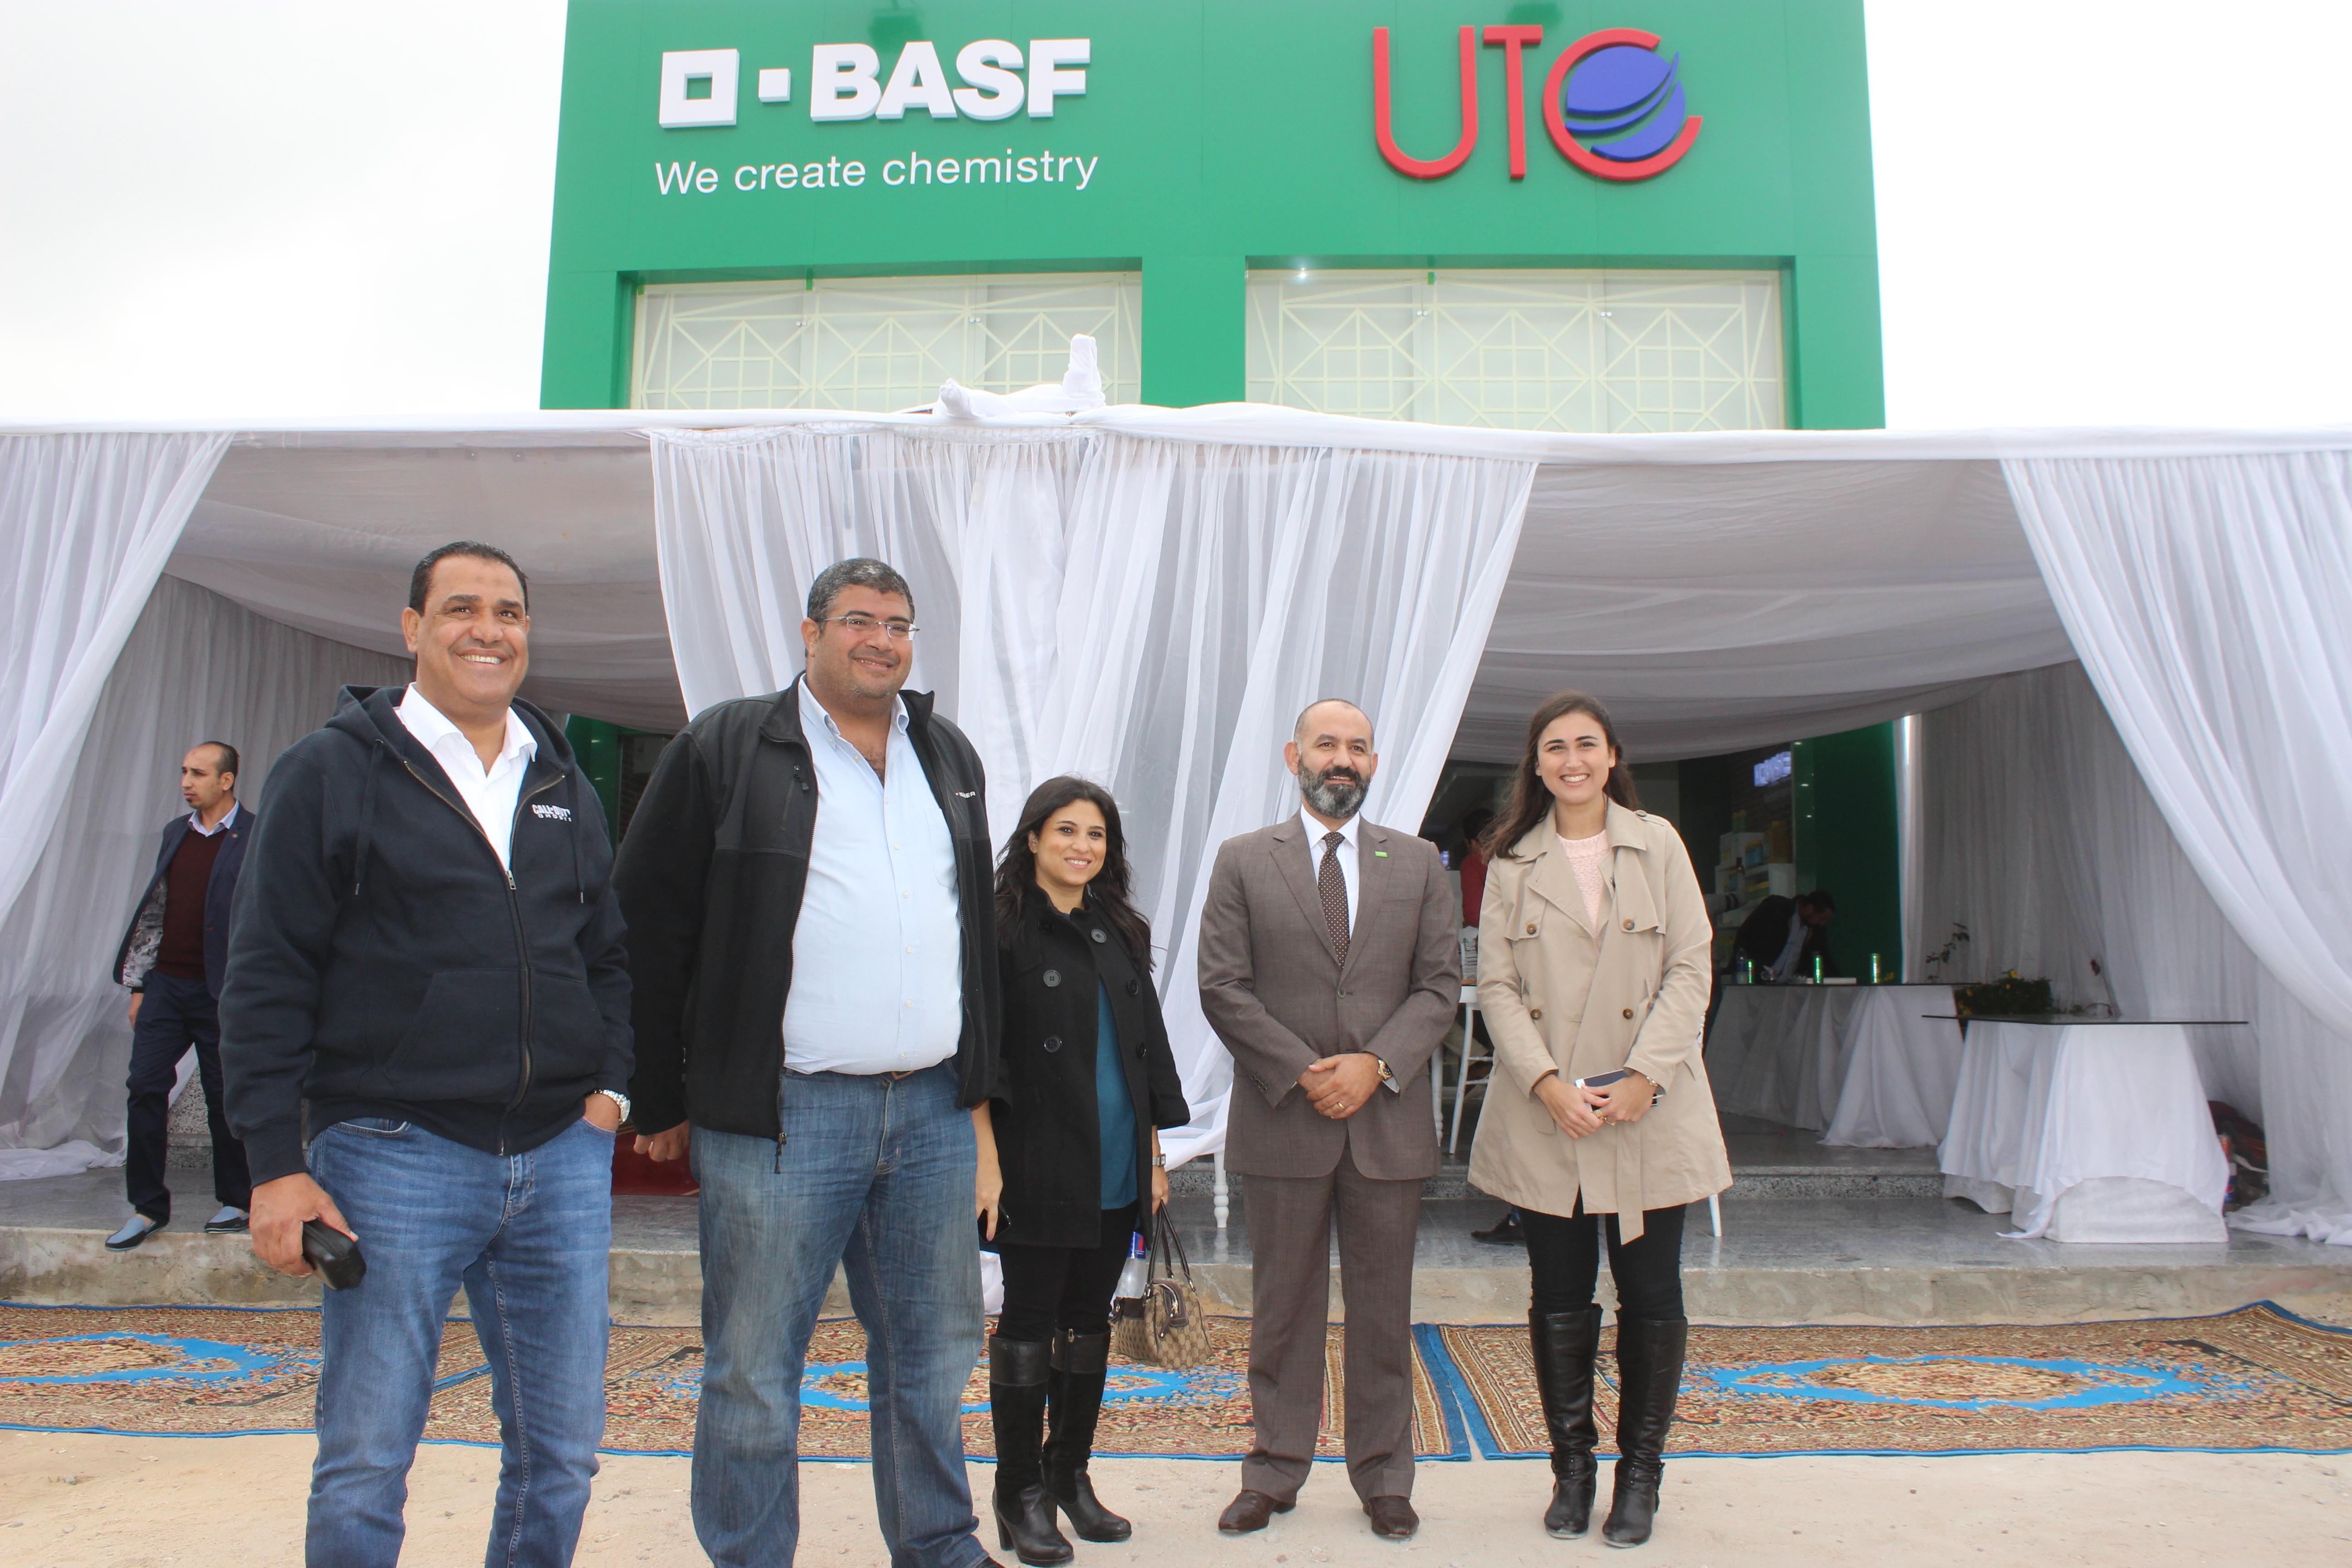 """صورة إمتداداً لاستراتجية باسف """"هاتوصلك في كل مكان"""" شركه BASF العالمية للكيماويات تفتتح أول فرع في النوبارية على طريق مصر اسكندرية الصحراوي"""